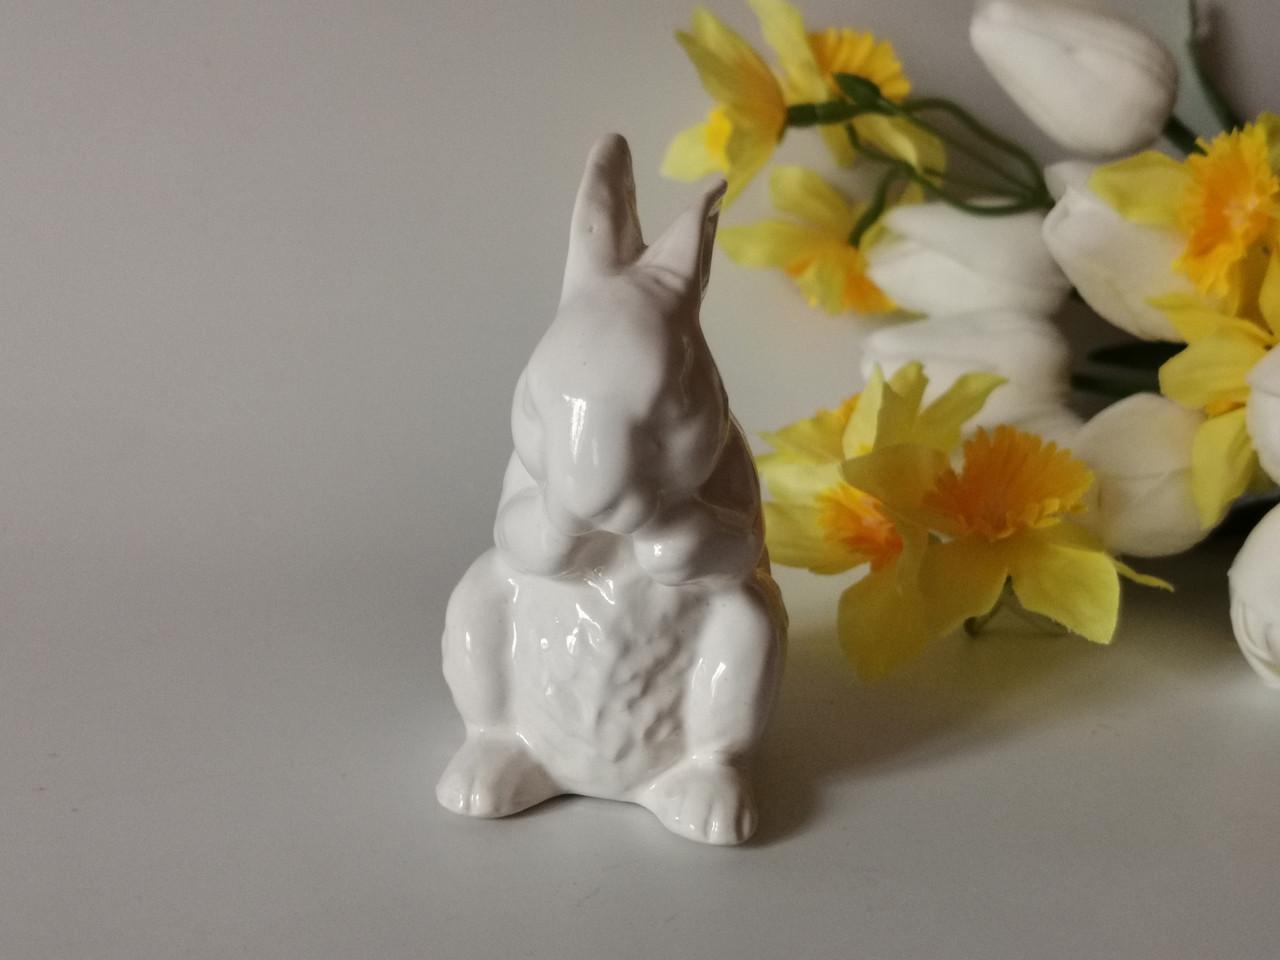 Пасхальный декор. Керамическая статуэтка Кролик пасхальный.